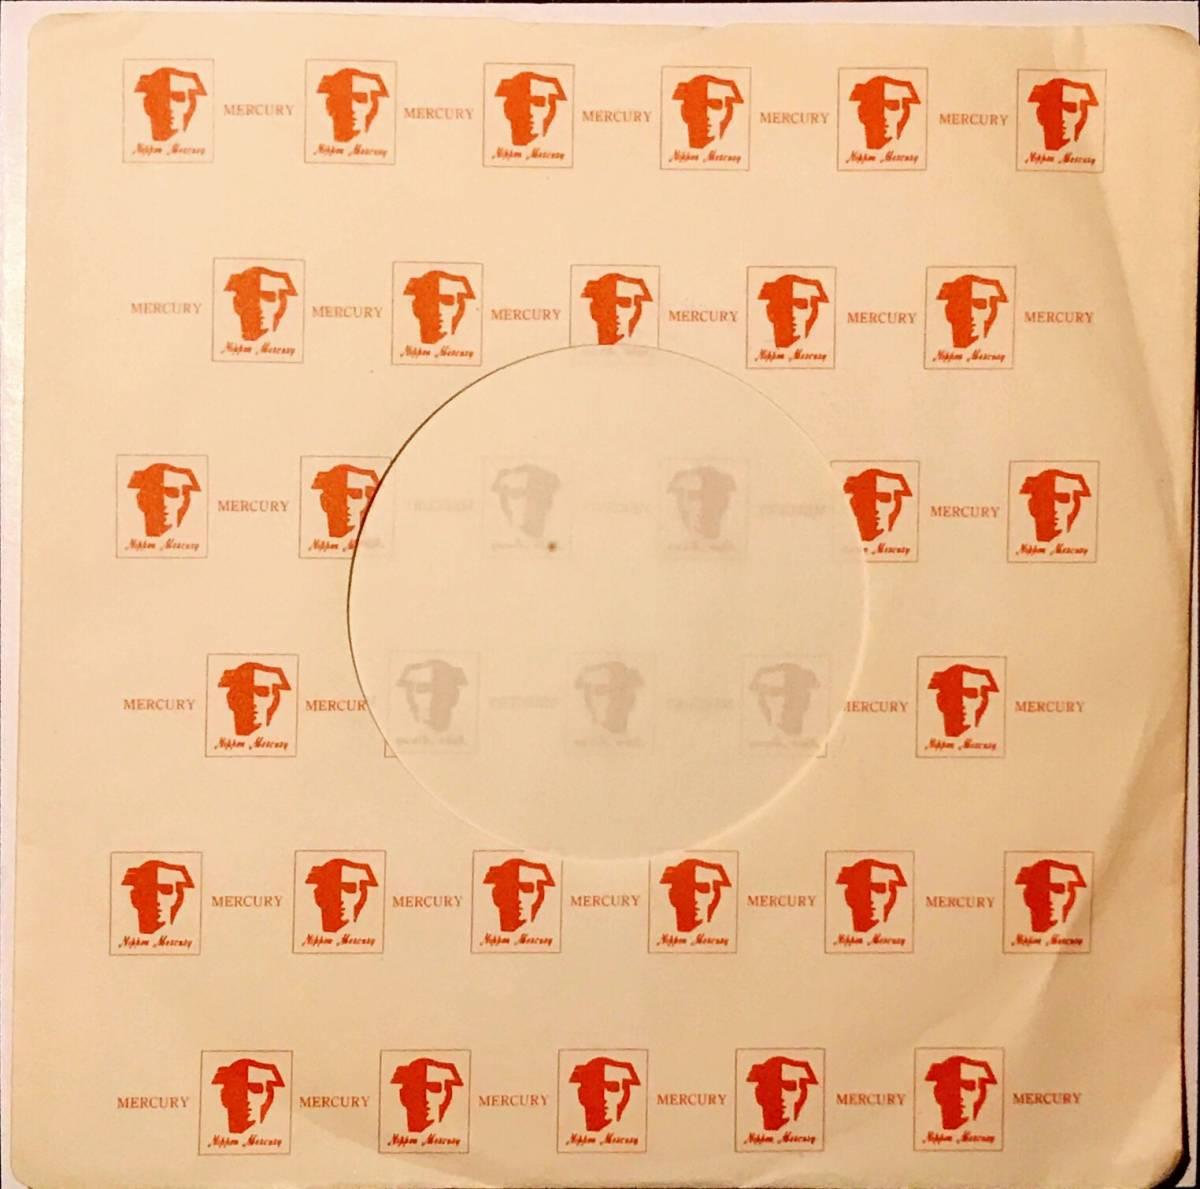 [試聴]和モノB級FUNK歌謡 松永幸子 // 愛ひとつ / おもいでブルース GROOVE [EP]ファンク 隠れマイナー盤レコード お酒ソング 7inch_画像3